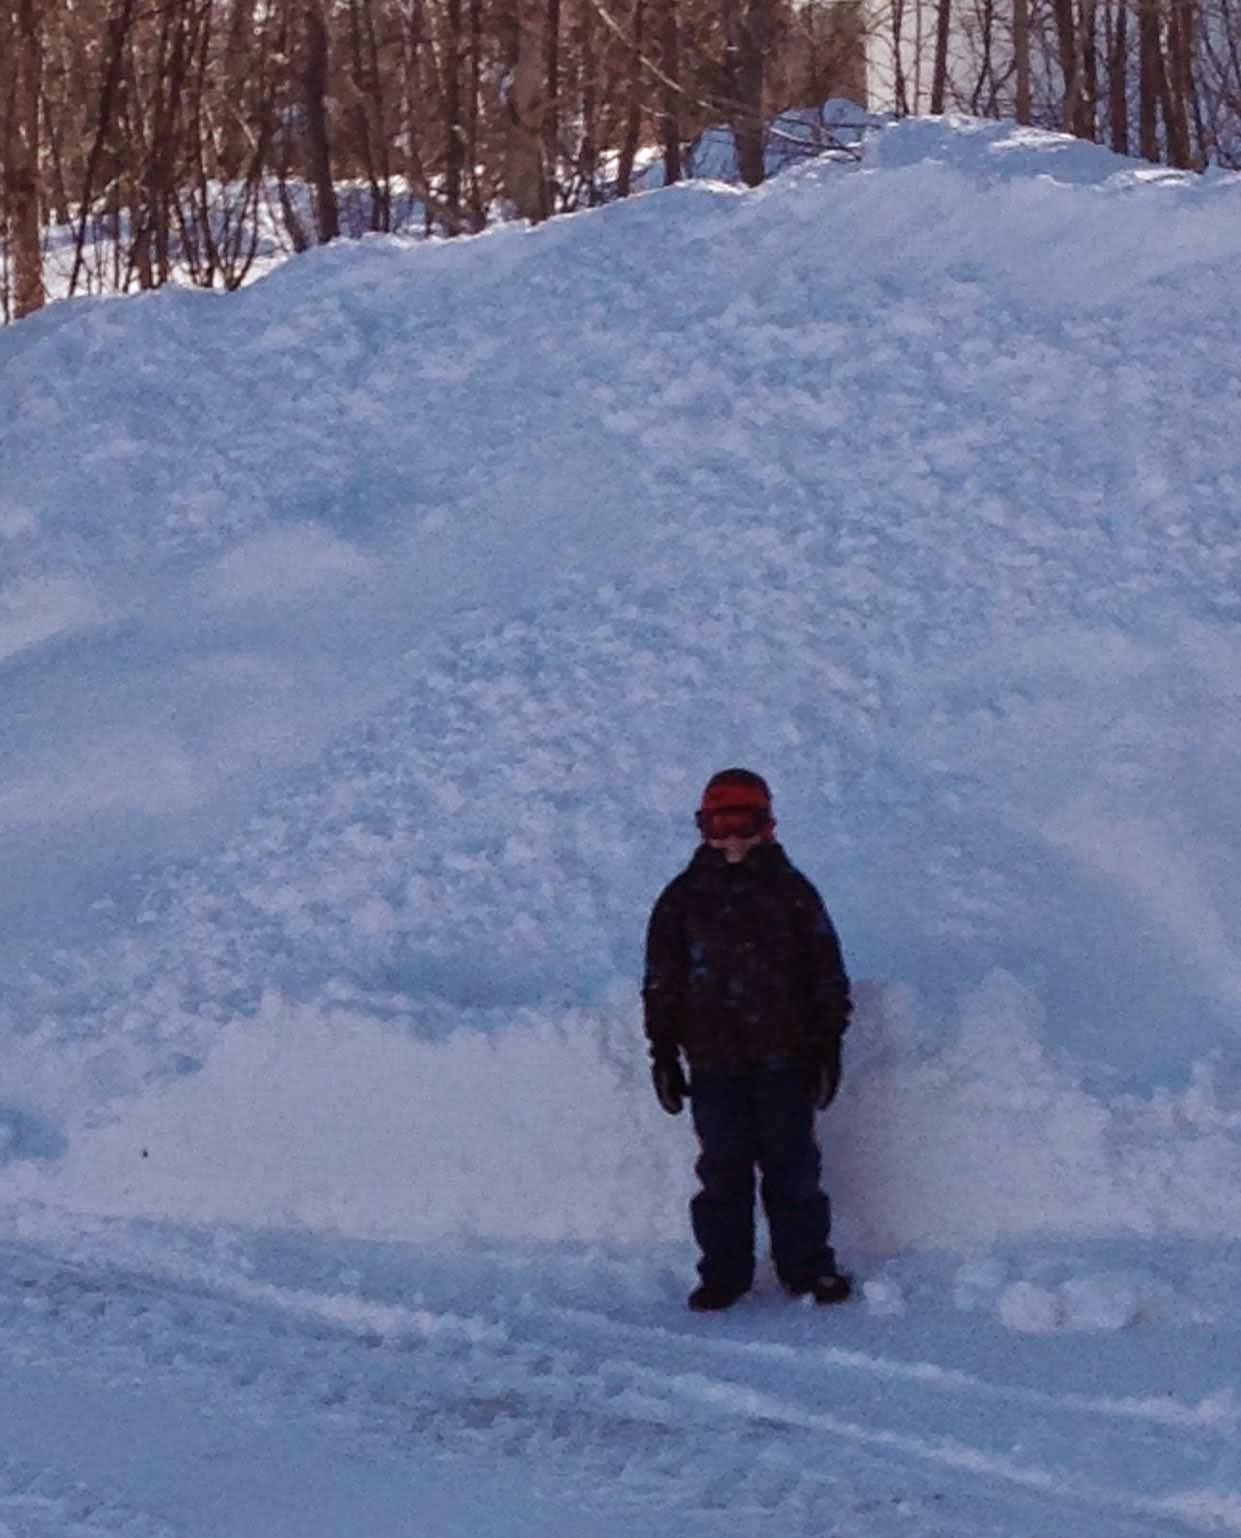 PEI snow - winter 2014-2015